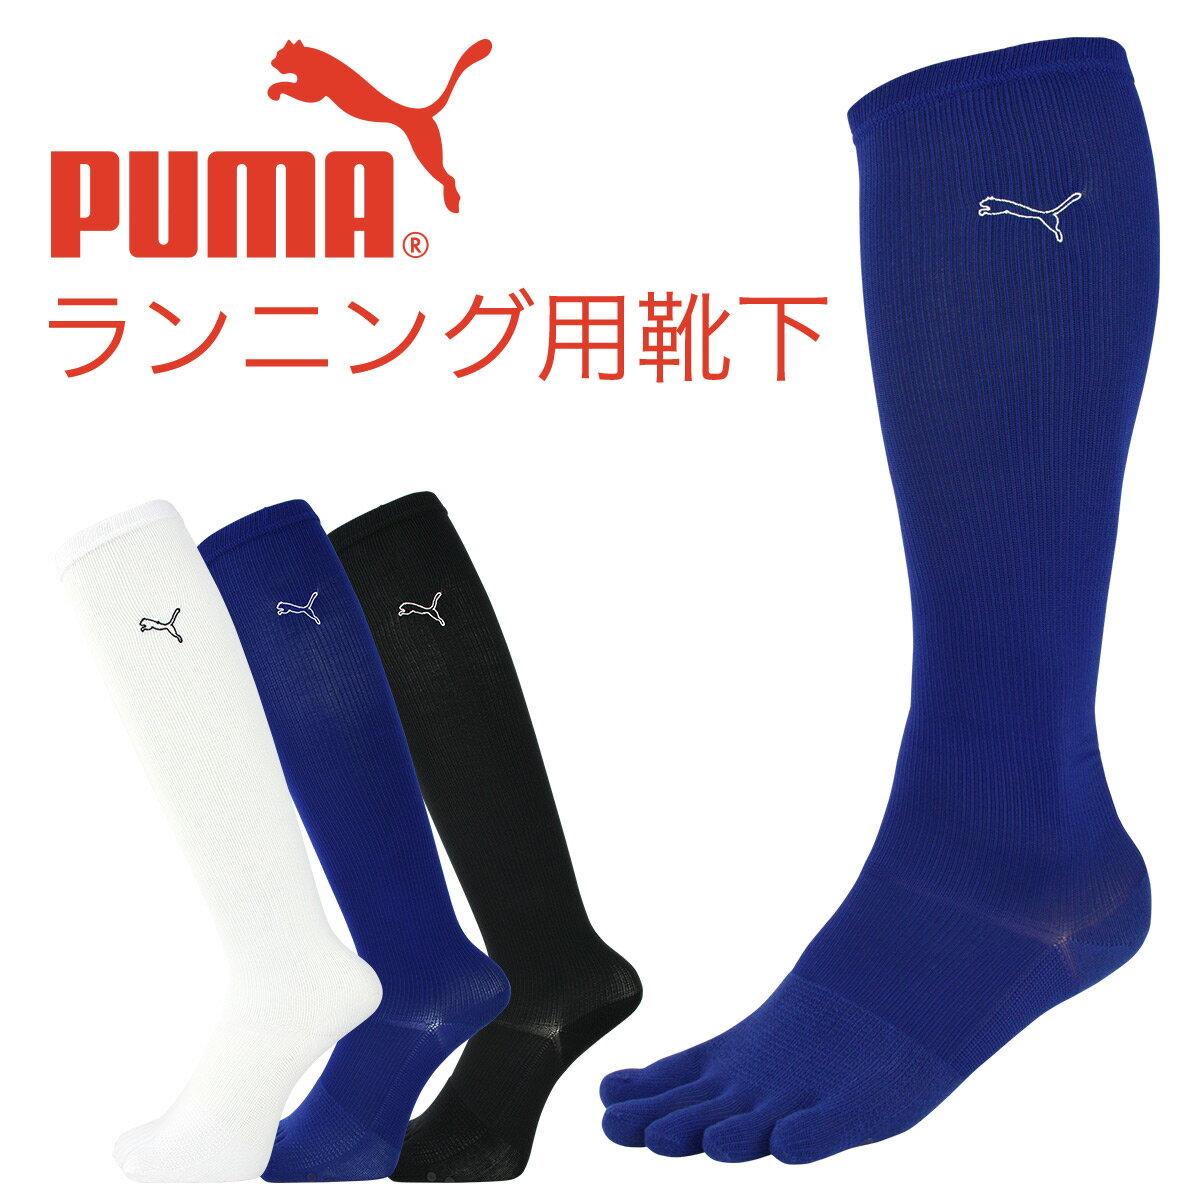 【送料無料】PUMA ( プーマ ) メンズ 段階 着圧 設計5本指・アーチフィットサポート マラソン ハイソックス 着圧 弾性 日本製 靴下 男性 メンズ プレゼント 贈答 ギフト2822-228ポイント10倍